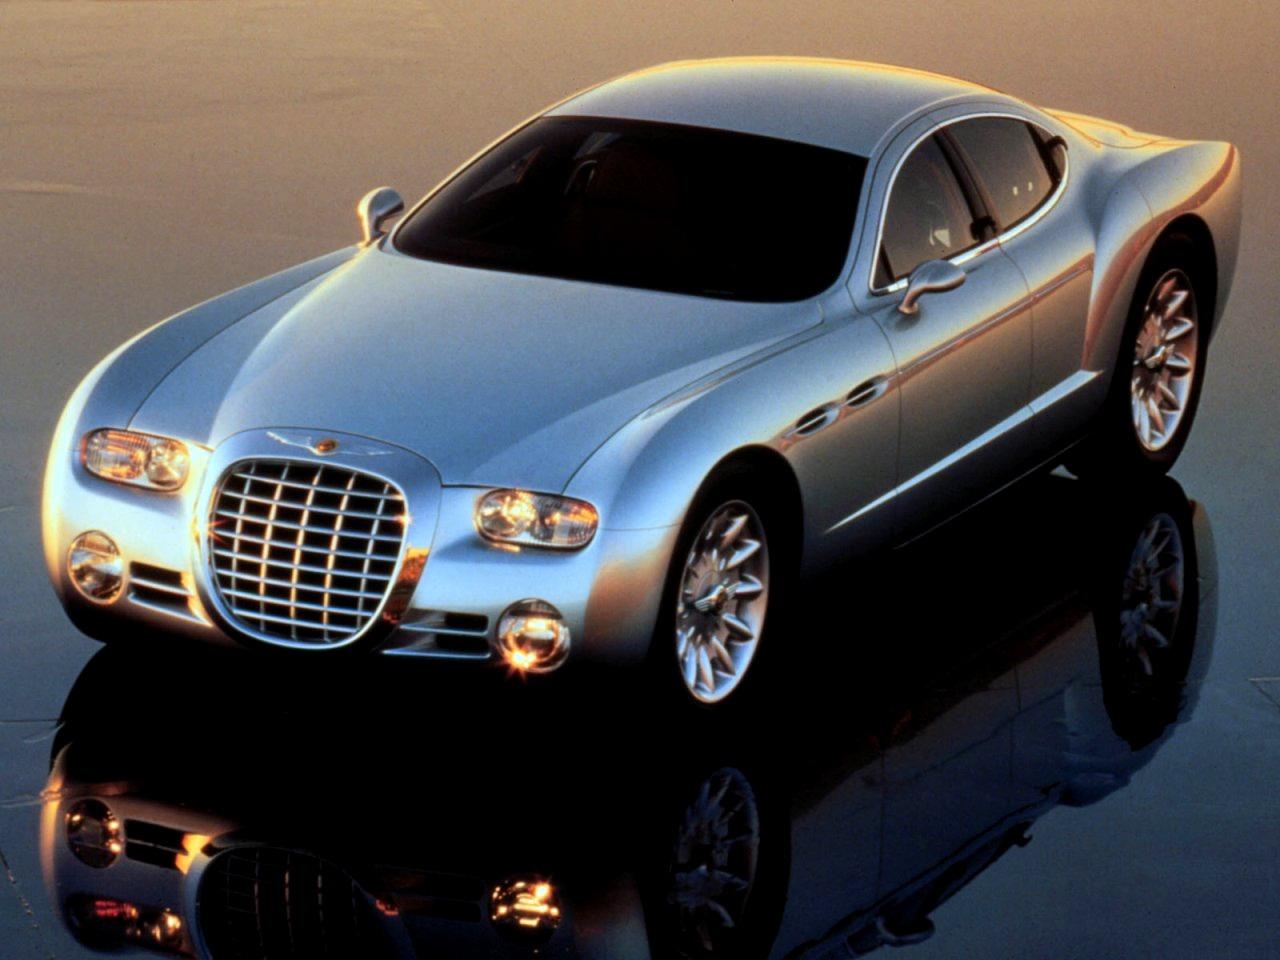 Chrysler Dealer Near Me >> Chrysler Chronos Concept (1998) - Old Concept Cars